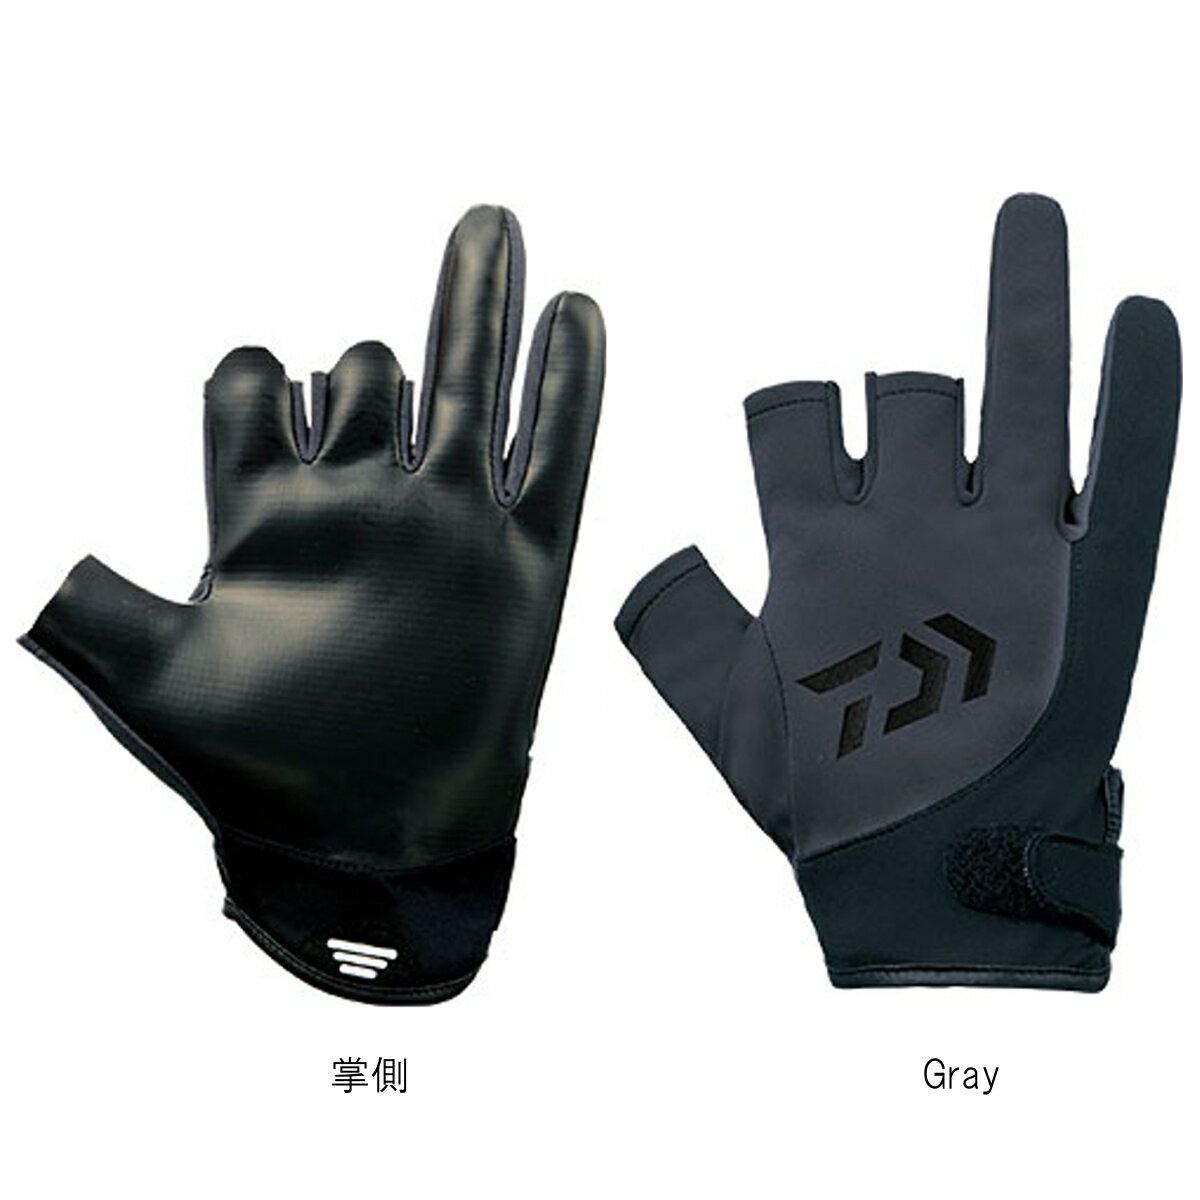 ウェア, その他 1120P19 3 DG-60008W L Gray